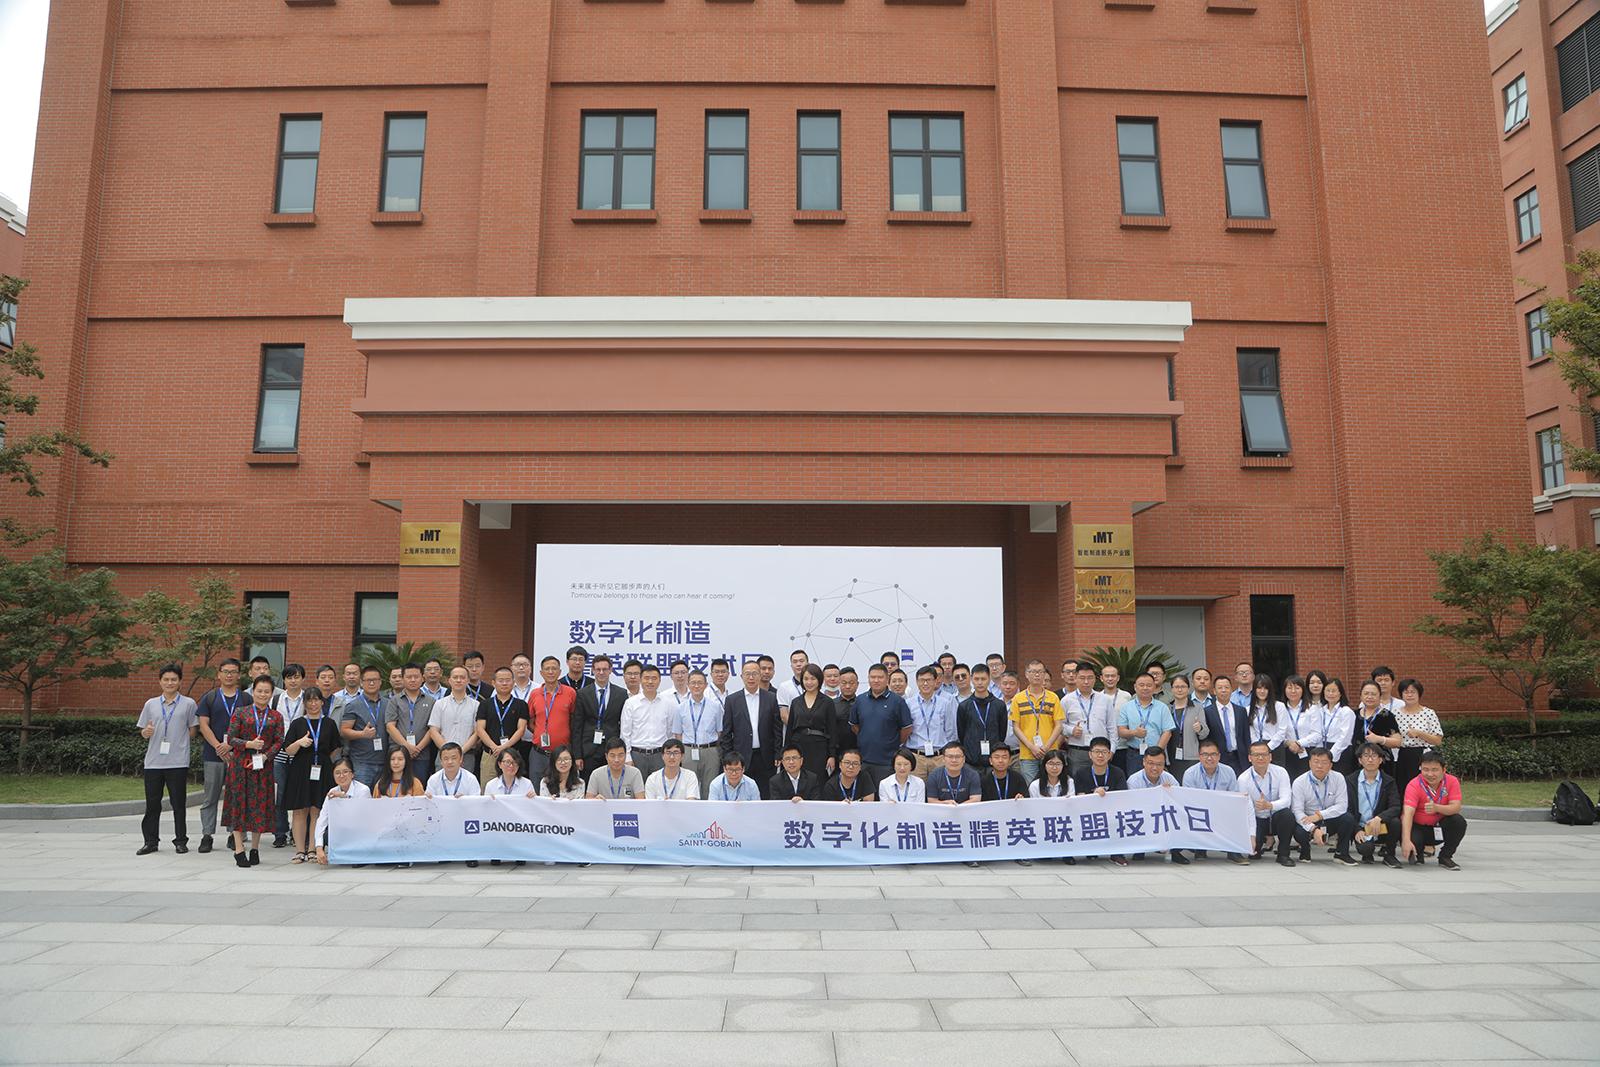 Danobatgroup China Open House